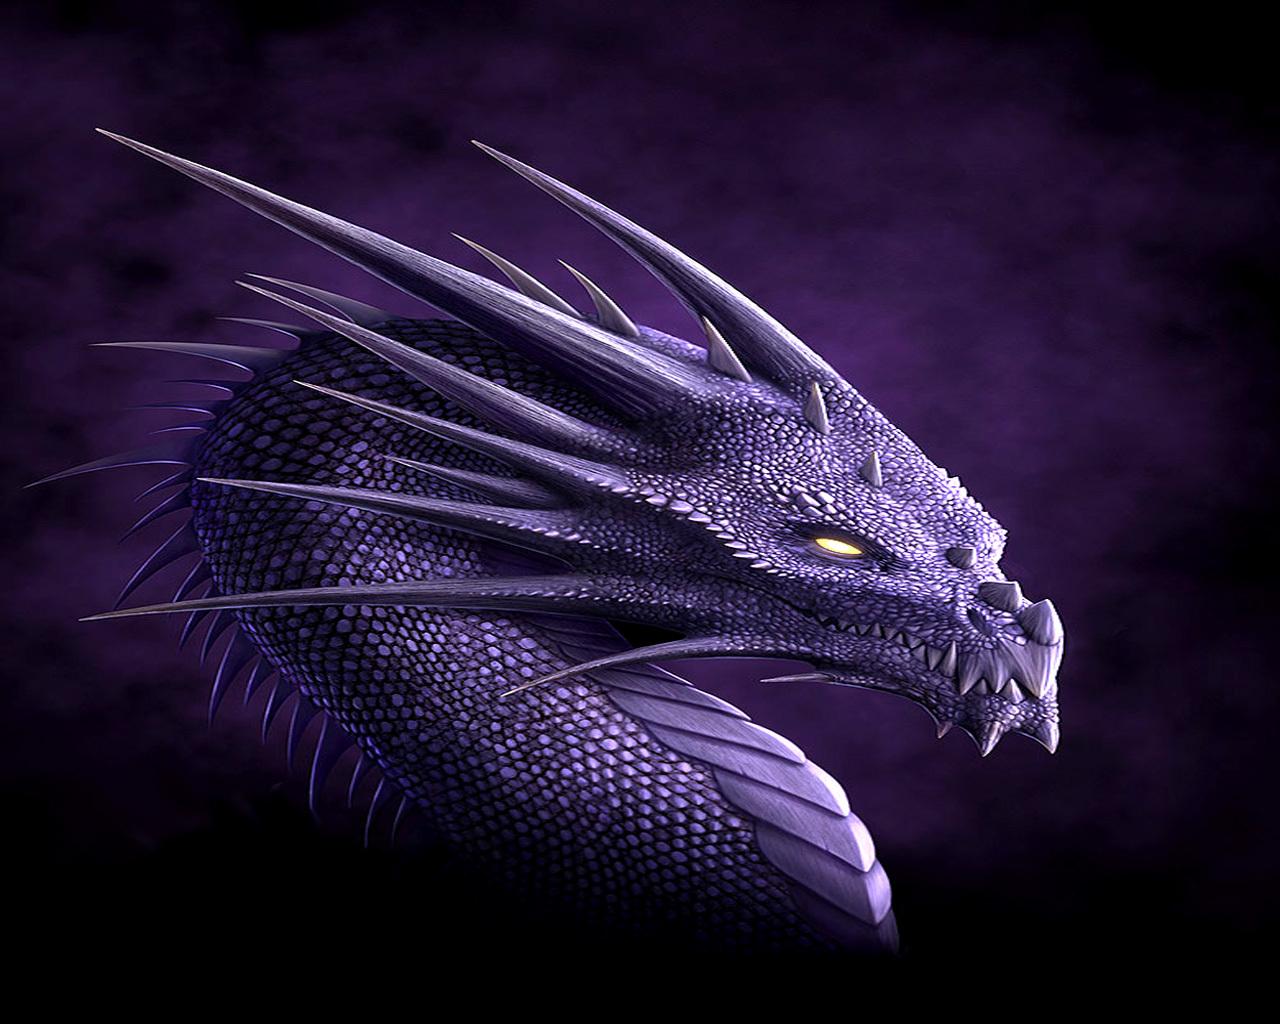 Desktop backgrounds 4u fantasy dragons - Dragon backgrounds ...